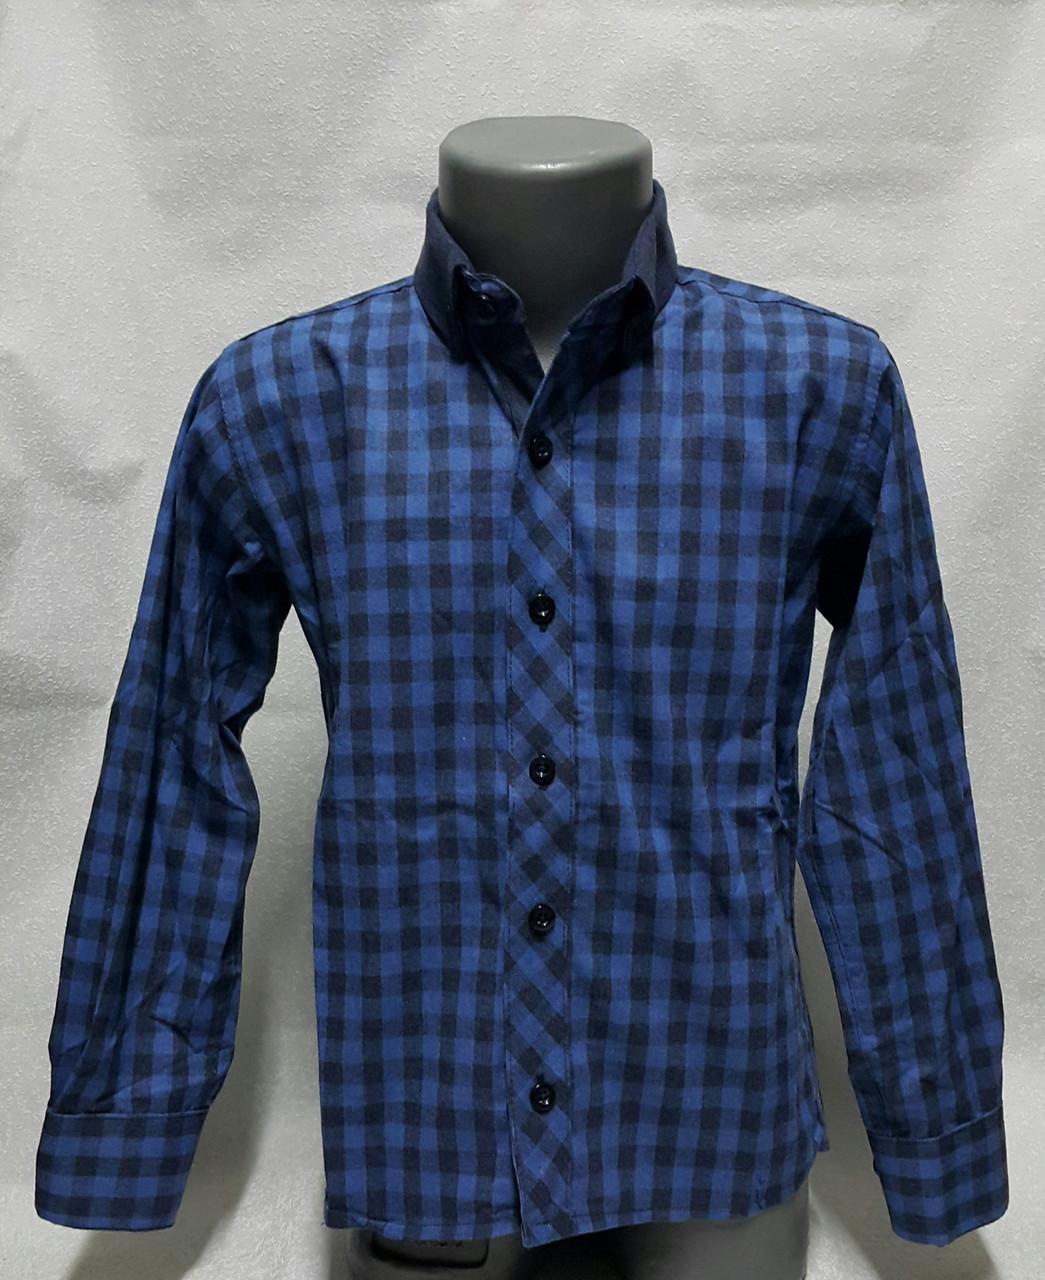 Рубашка кашемировая на мальчиков в клетку Синяя 116,122,128,134 роста